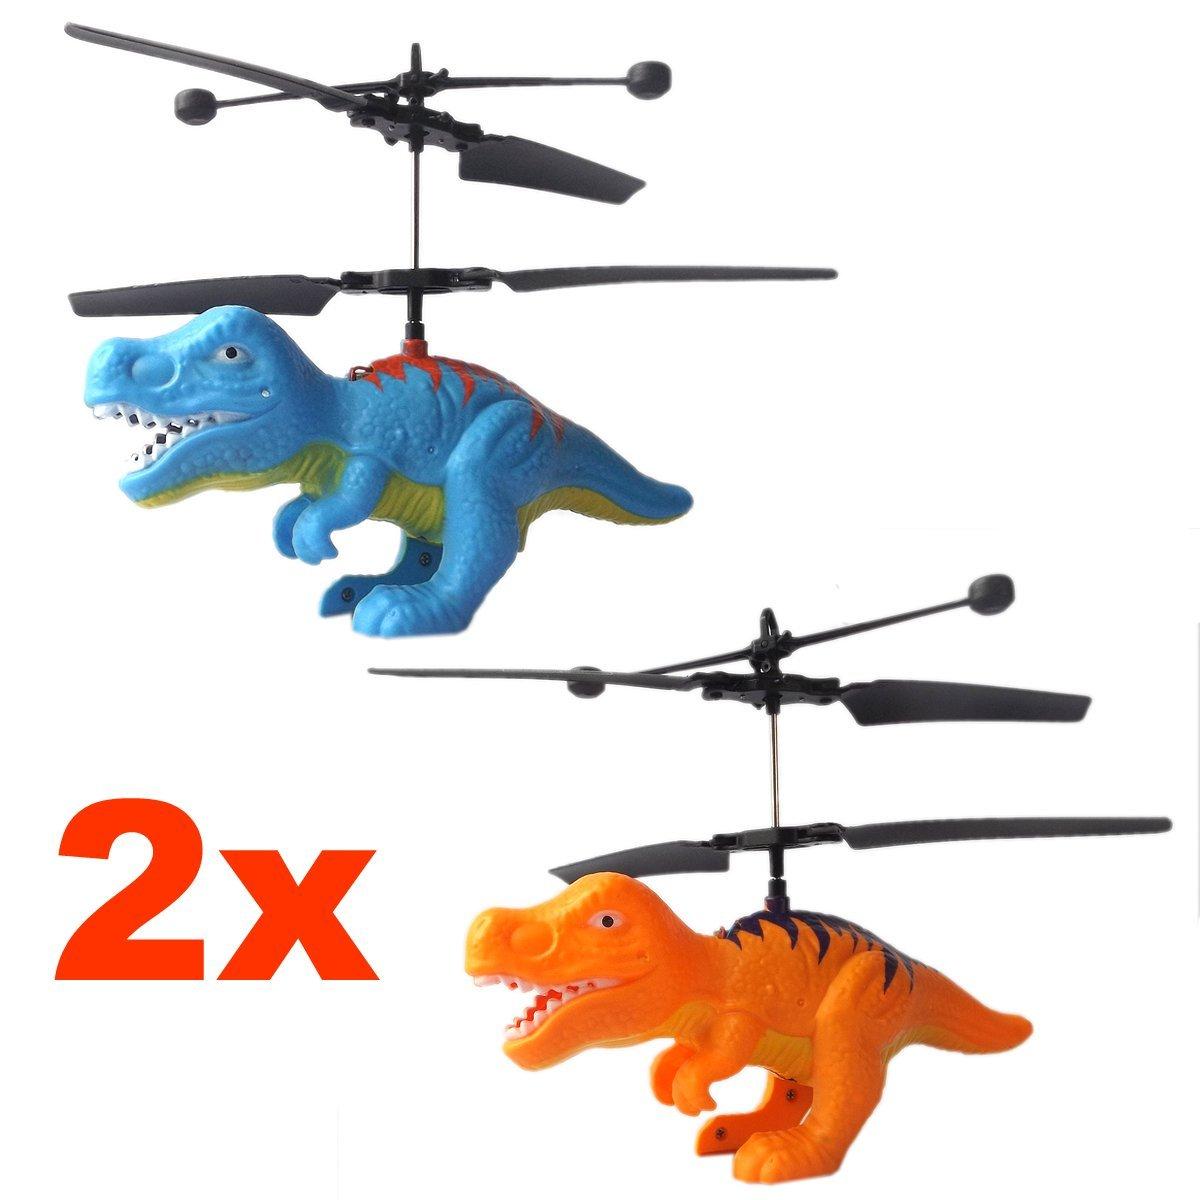 2x Fliegender Dinosaurier T-Rex Hubschrauber (Kombipack) mit hellen LED Licht-Einfach zu Steuern mit der Hand!Das Spielzeug für Jung und Alt!Der Megaspaß und Gag auf jeder Party als Geburtstagsgeschenk dr4455665 Fahrzeuge & Schiffe